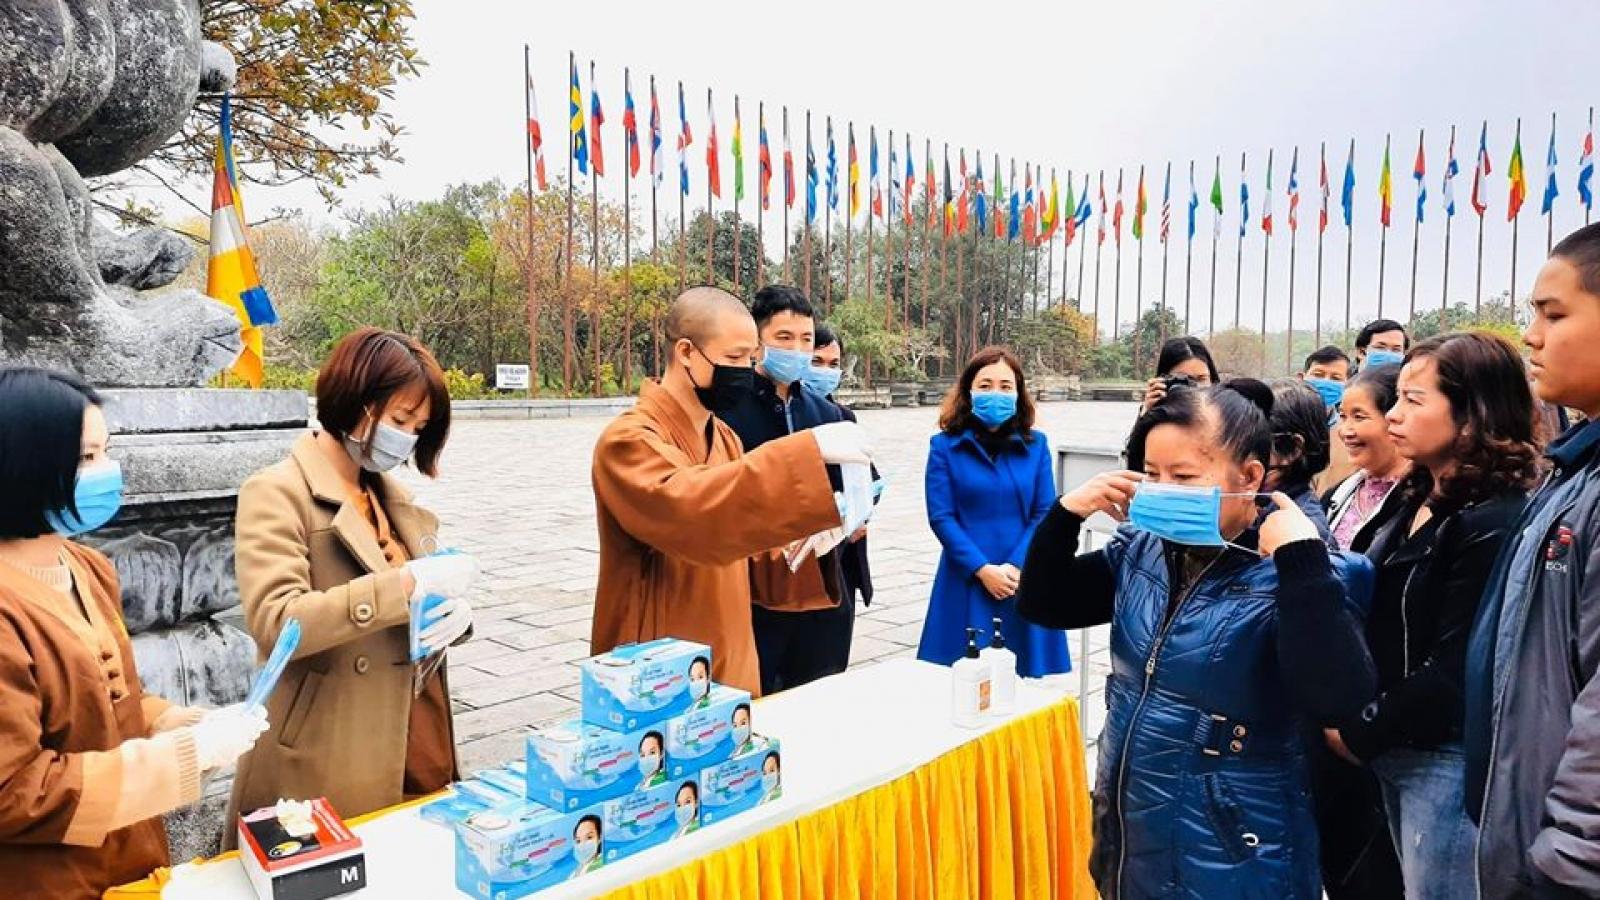 Mùa lễ hội Xuân Tân Sửu: Yêu cầu các chùa thực hiện nghiêm phòng chống dịch Covid-19